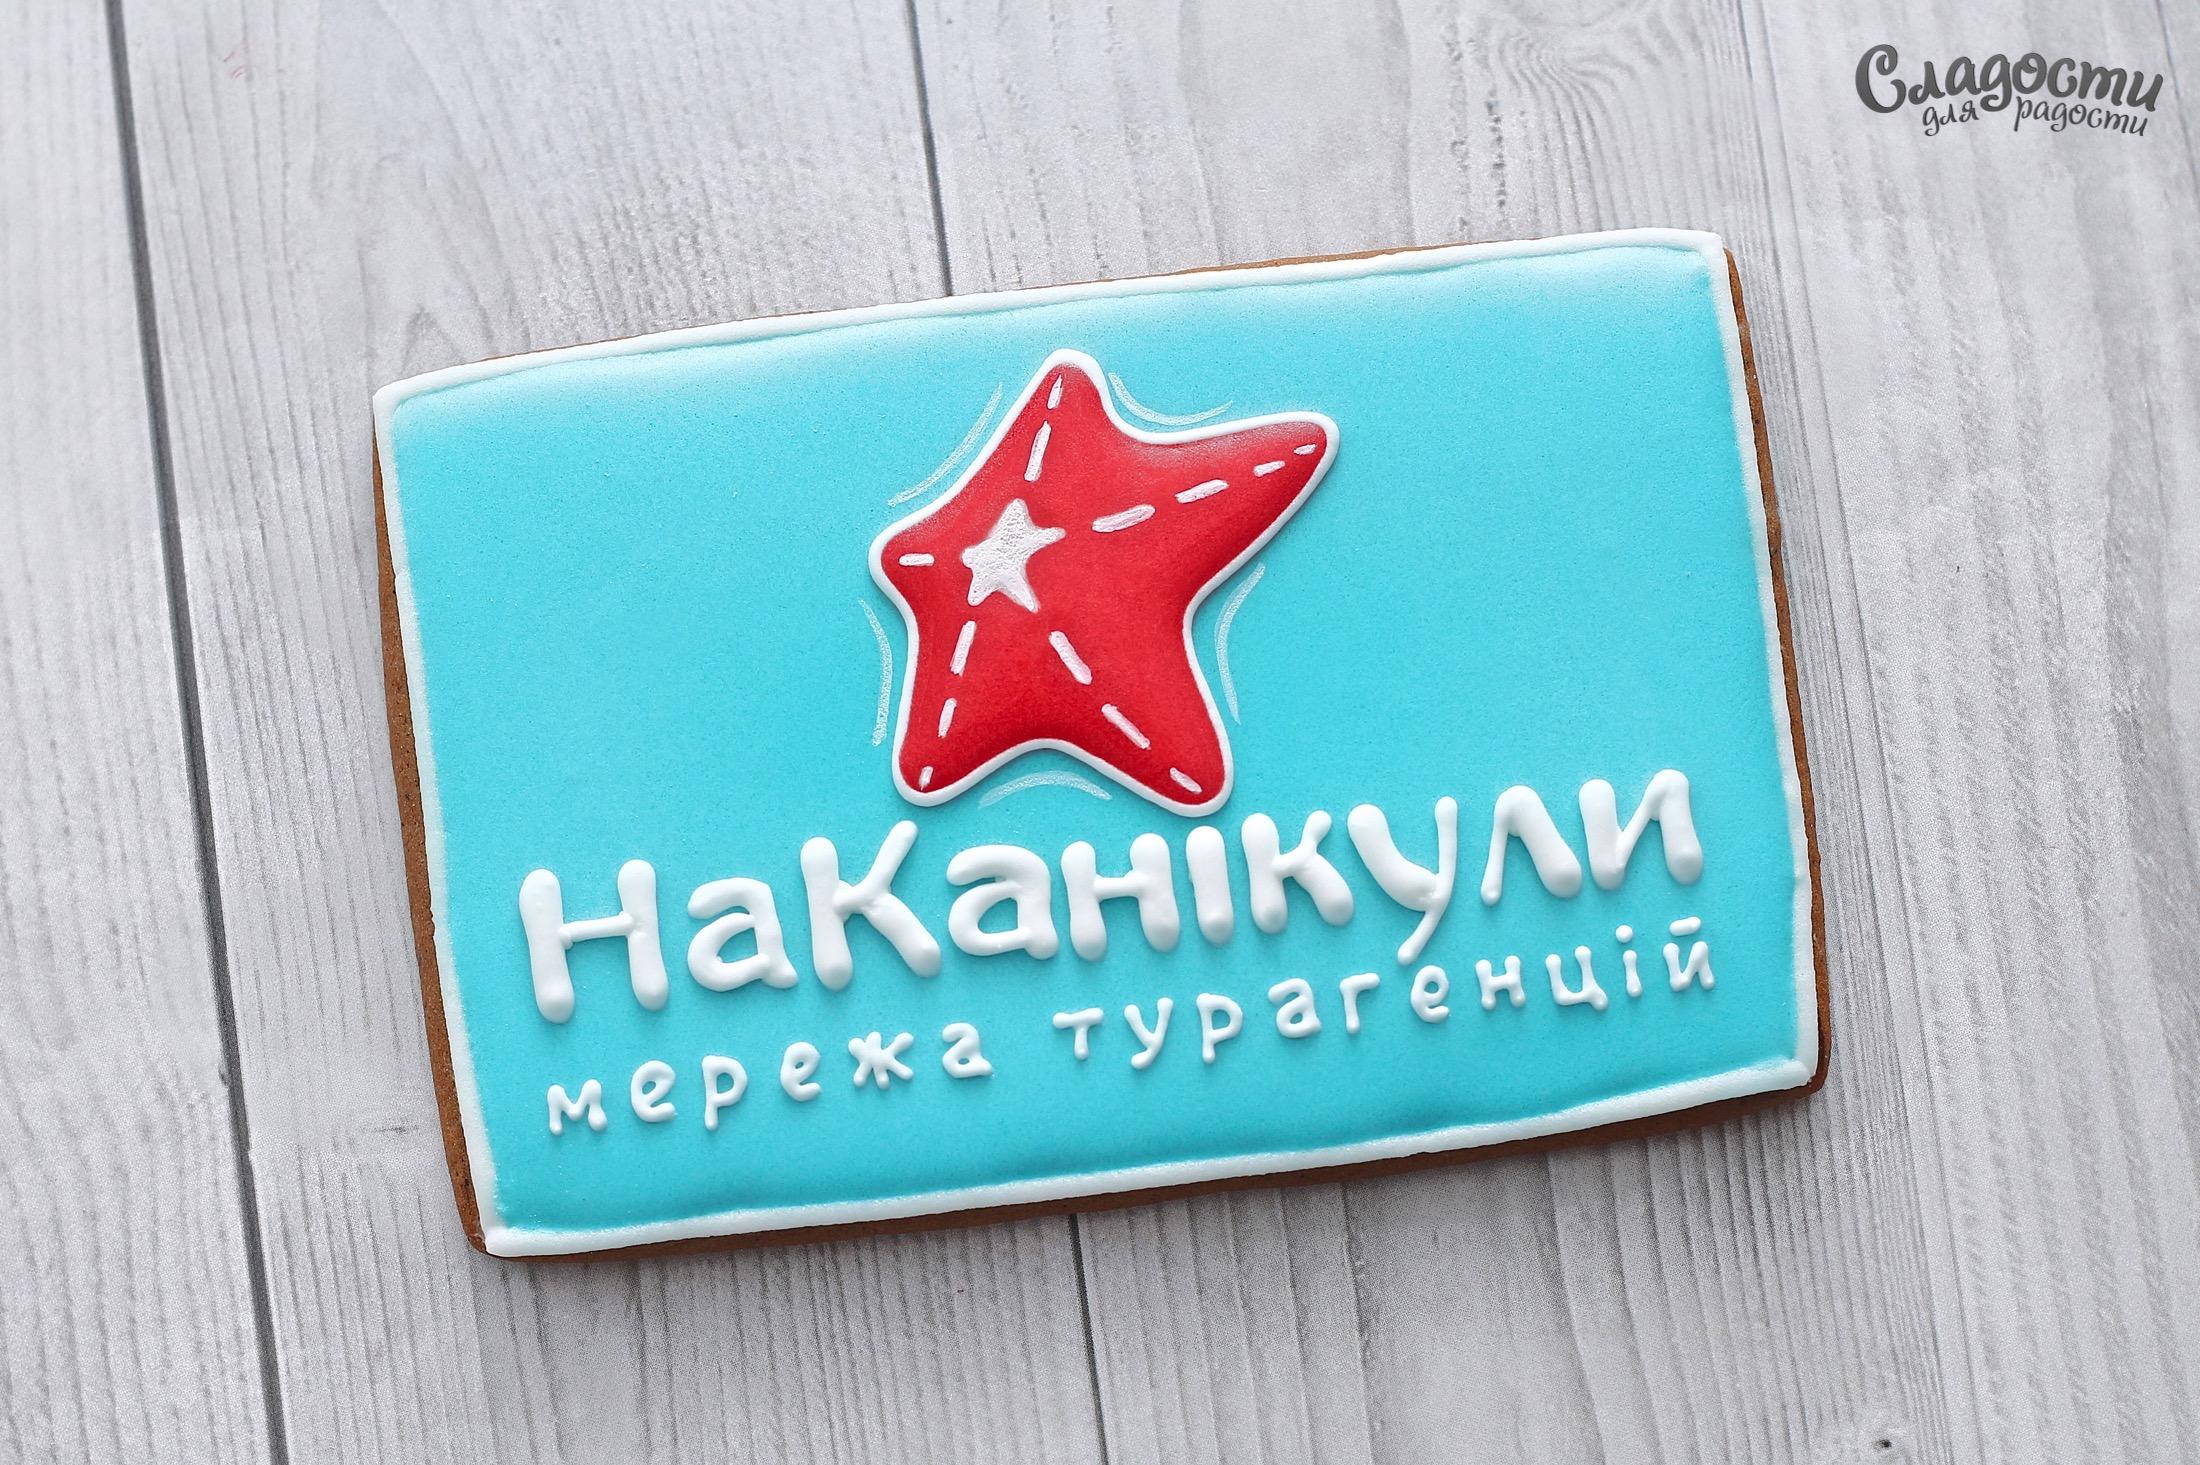 Пряник с логотипом компании.